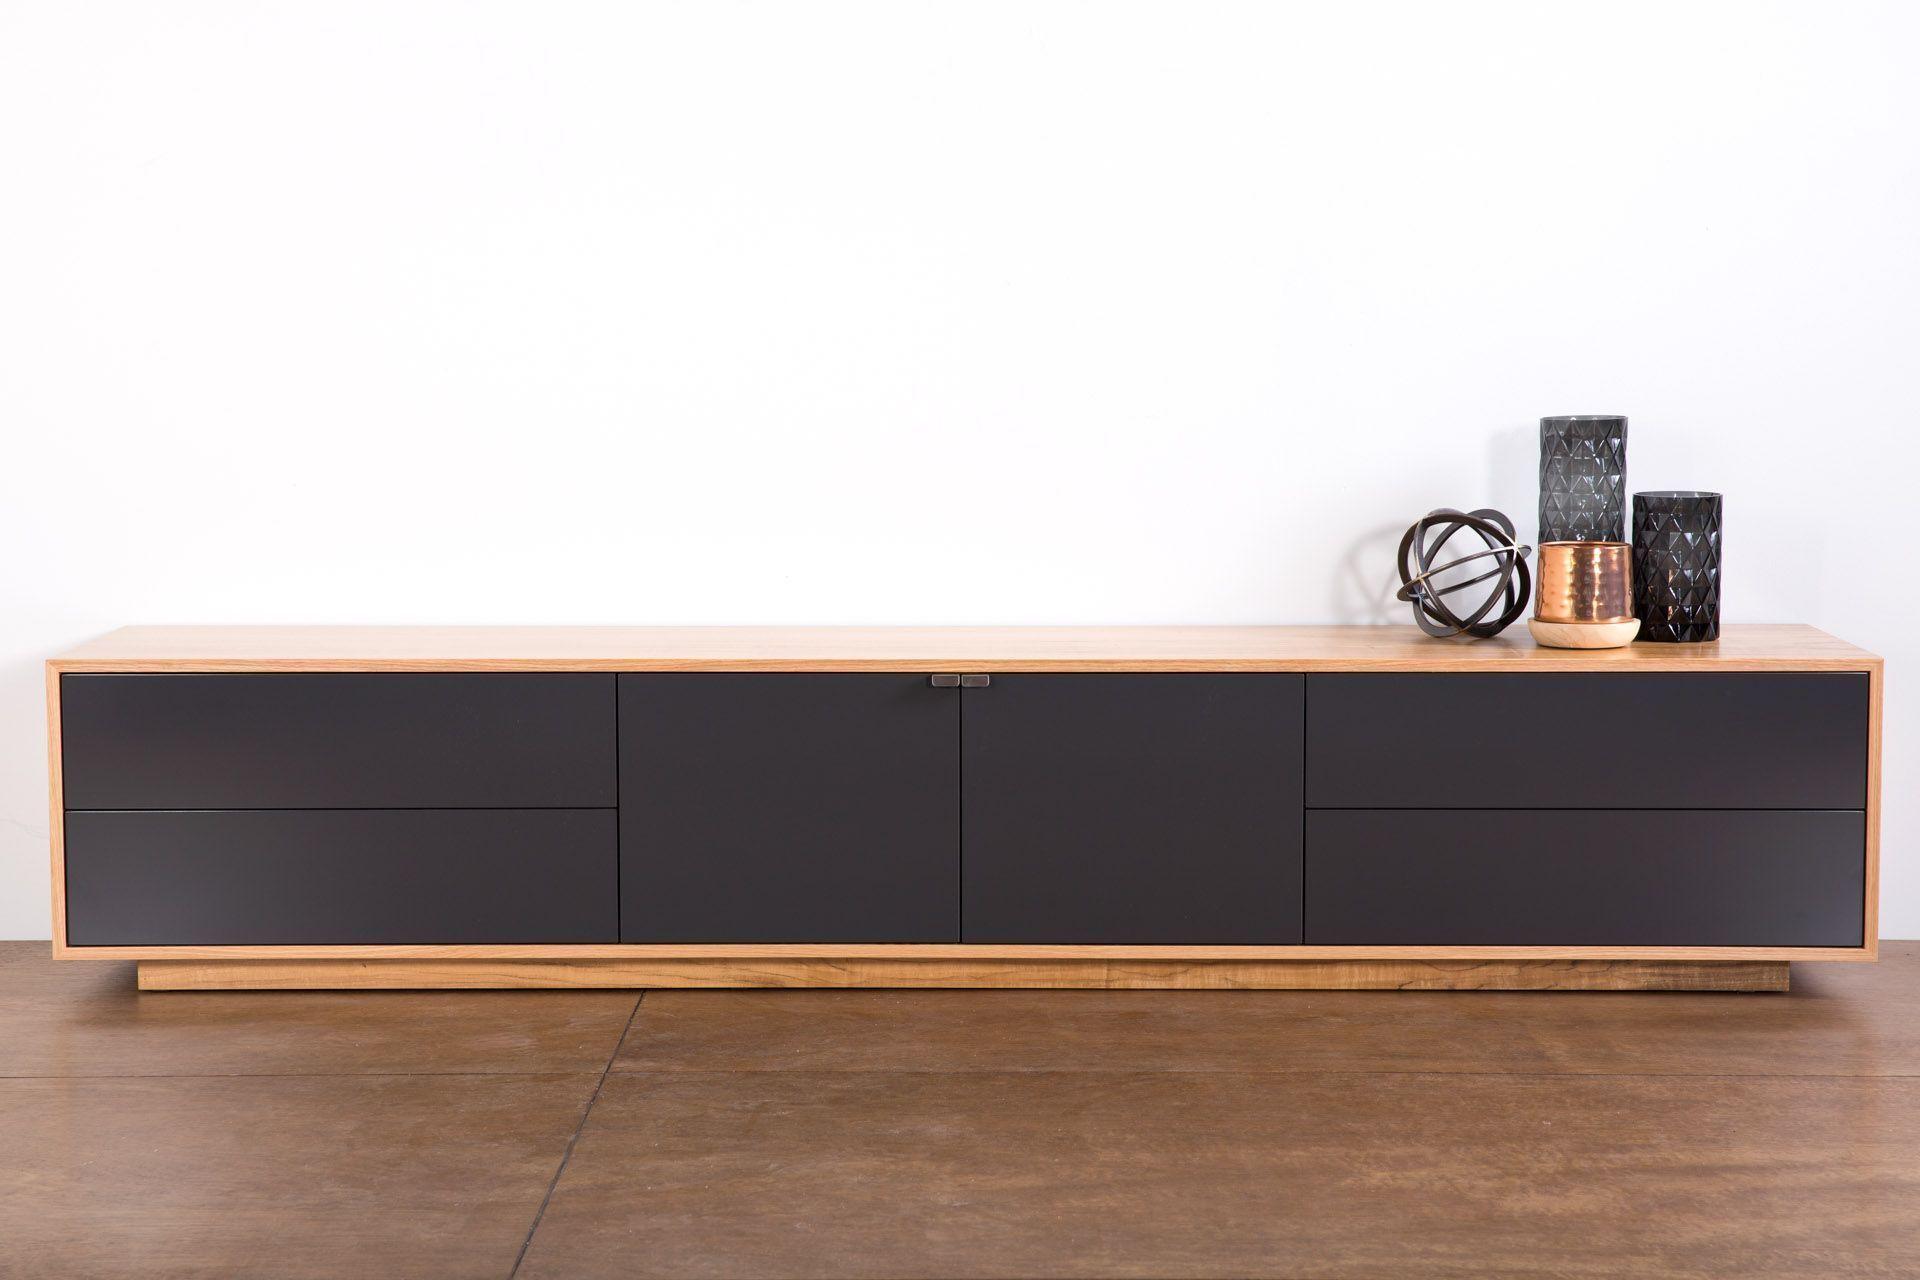 Tribeca 2400 Lowline Tv Gerat Entworfen Und Hergestellt Hier In Wa Mass Angef In 2020 Lowline Tv Unit Tv Unit Lifestyle Furniture